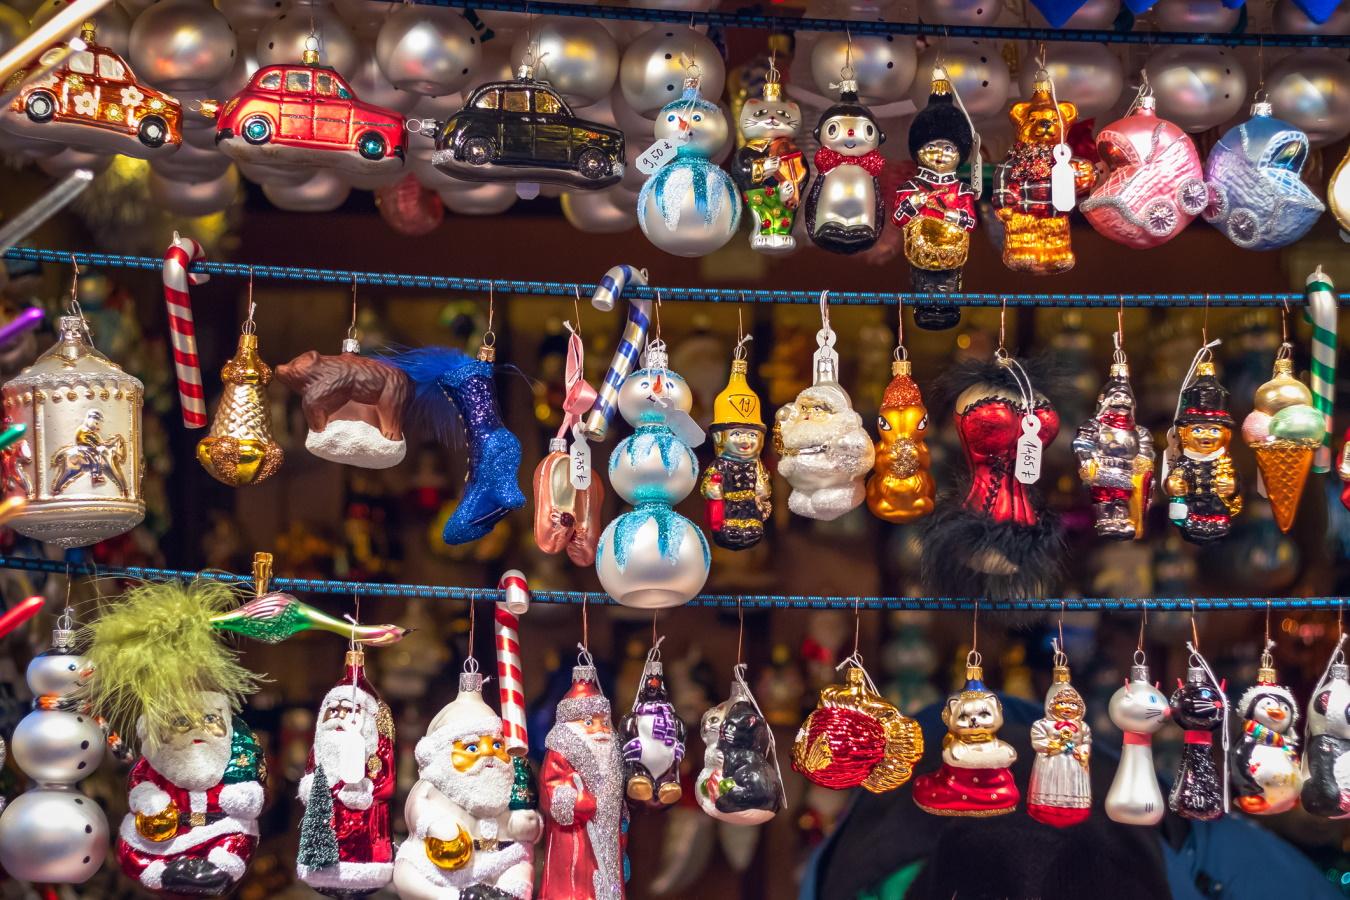 <p>Коледни украшения за елха</p>  <p>Украшенията за Коледа могат да послужат доста добре за подарък на колега или група от приятели и познати. При групова размяна на подаръци бюджета е съкратен, а идеите често се повтарят. Коледните играчки за елха са един много подходящ подарък за такъв повод.</p>